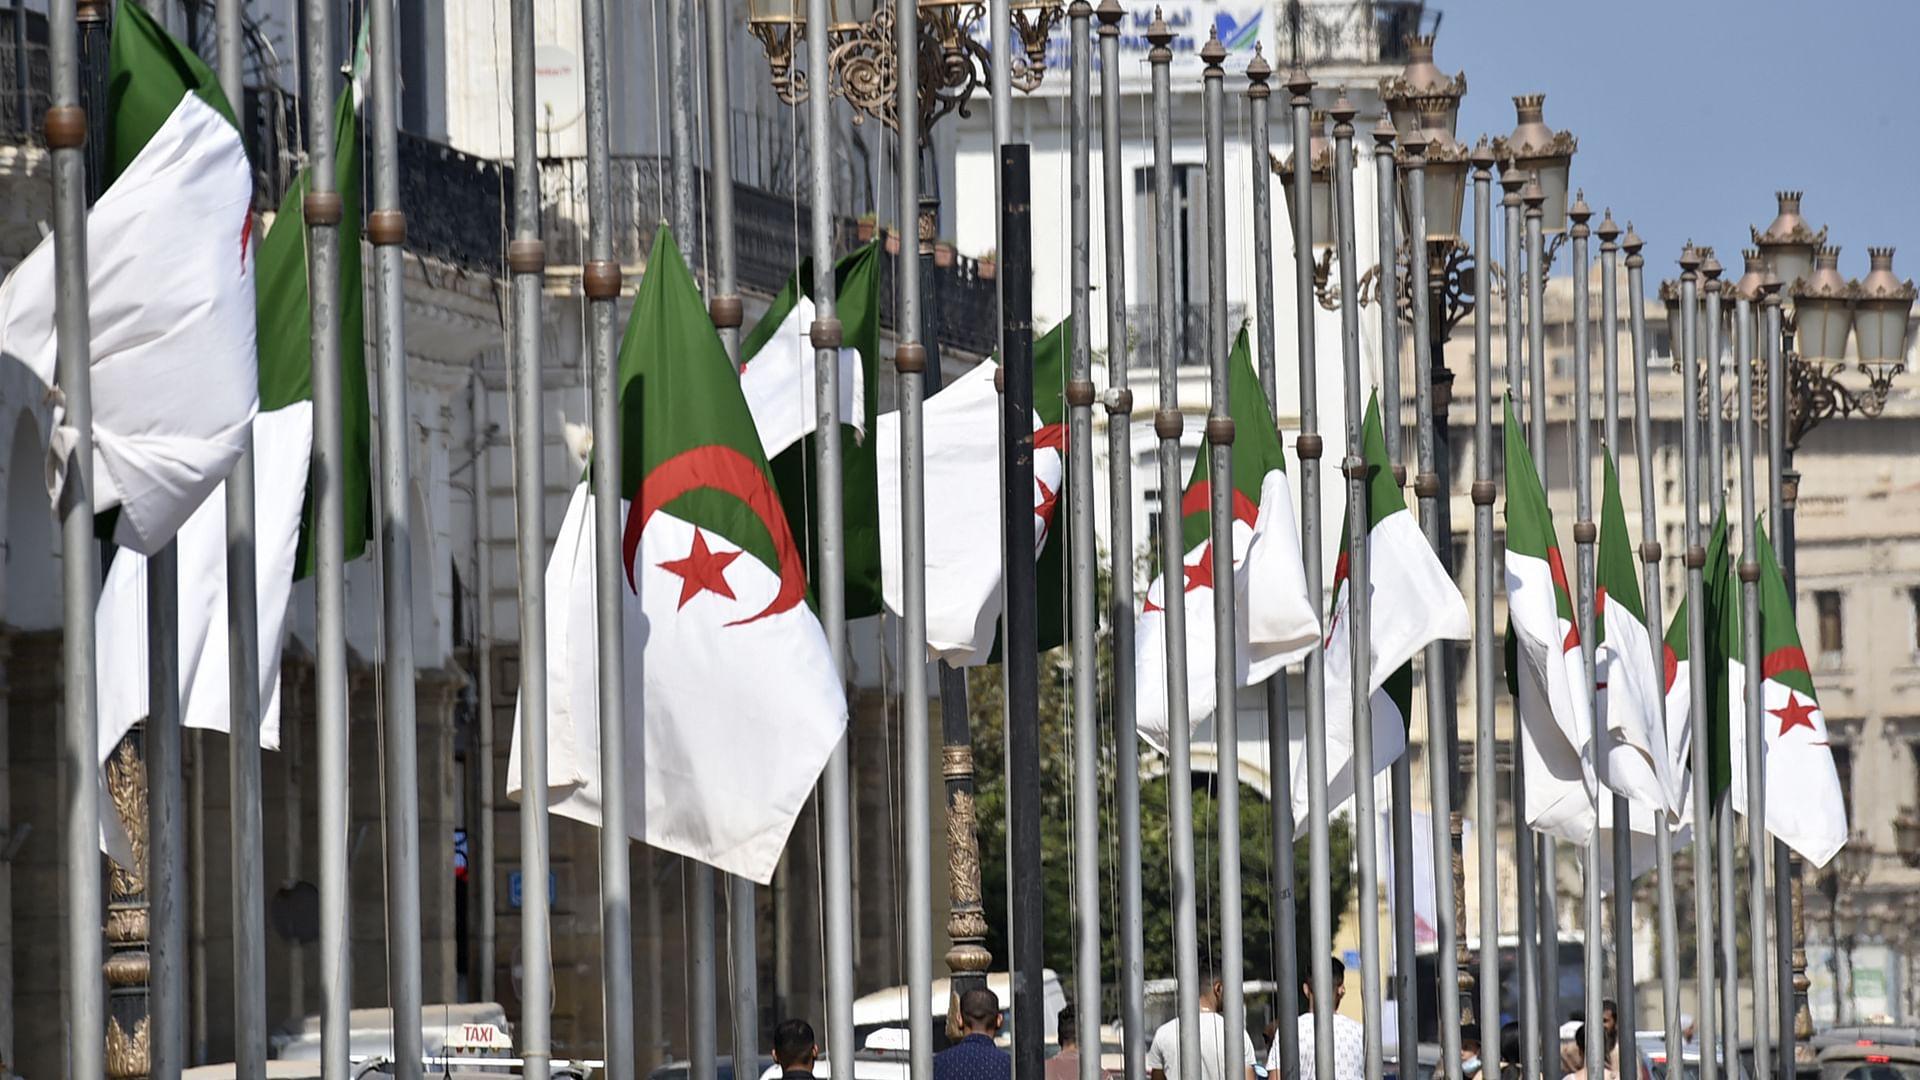 Algerien: Gemäßigte islamistische Partei beansprucht Sieg für sich